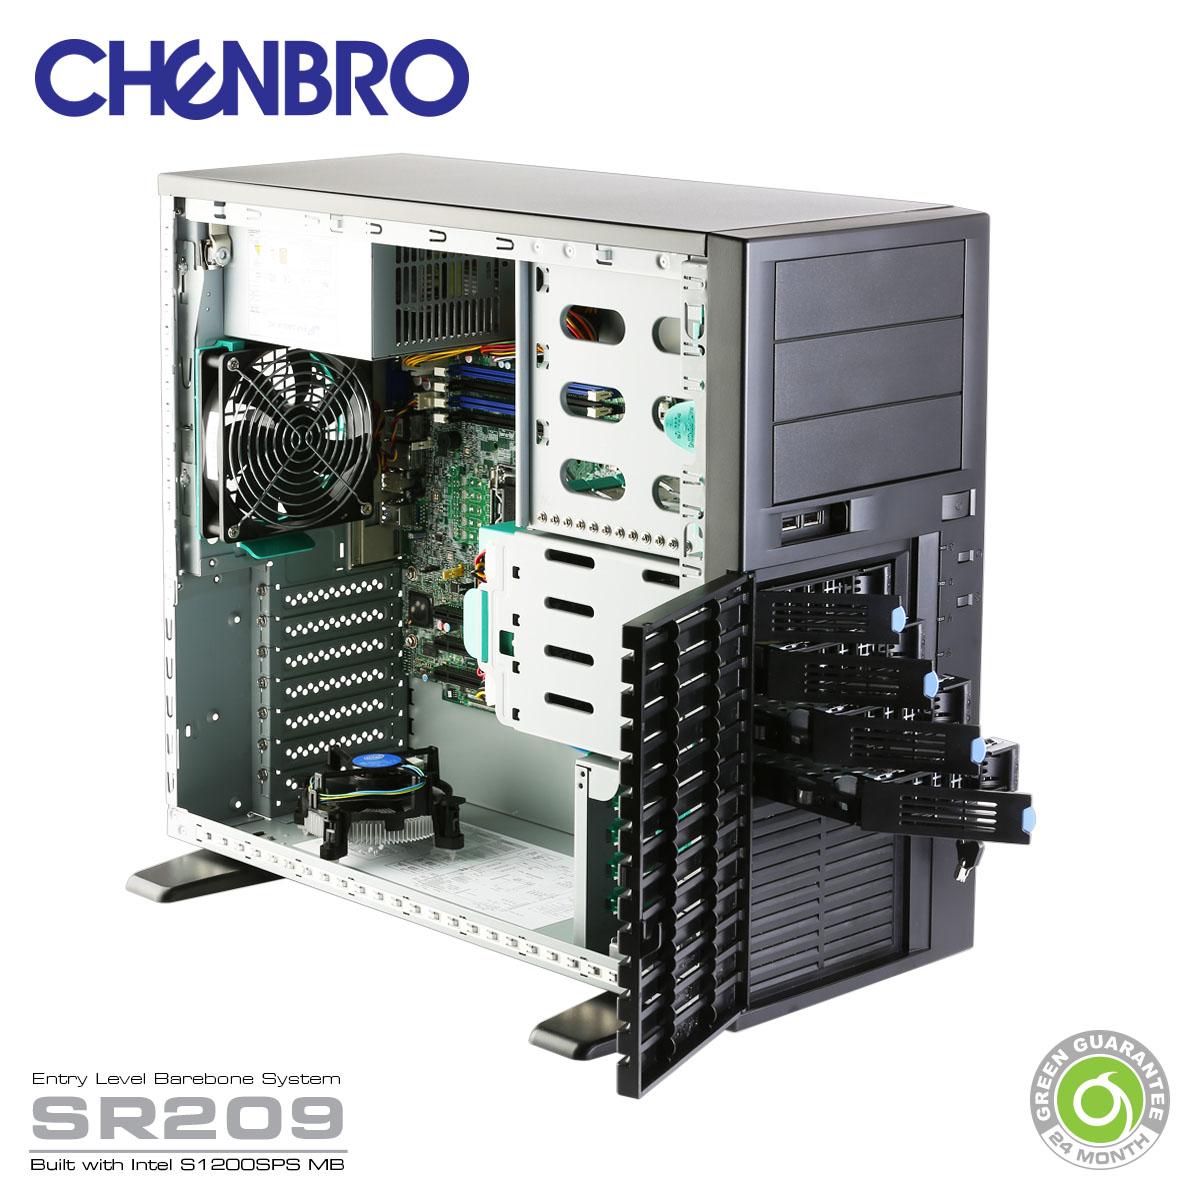 سرور_چنبرو_گارانتی_گرین_chenbro_server_green_guarantee